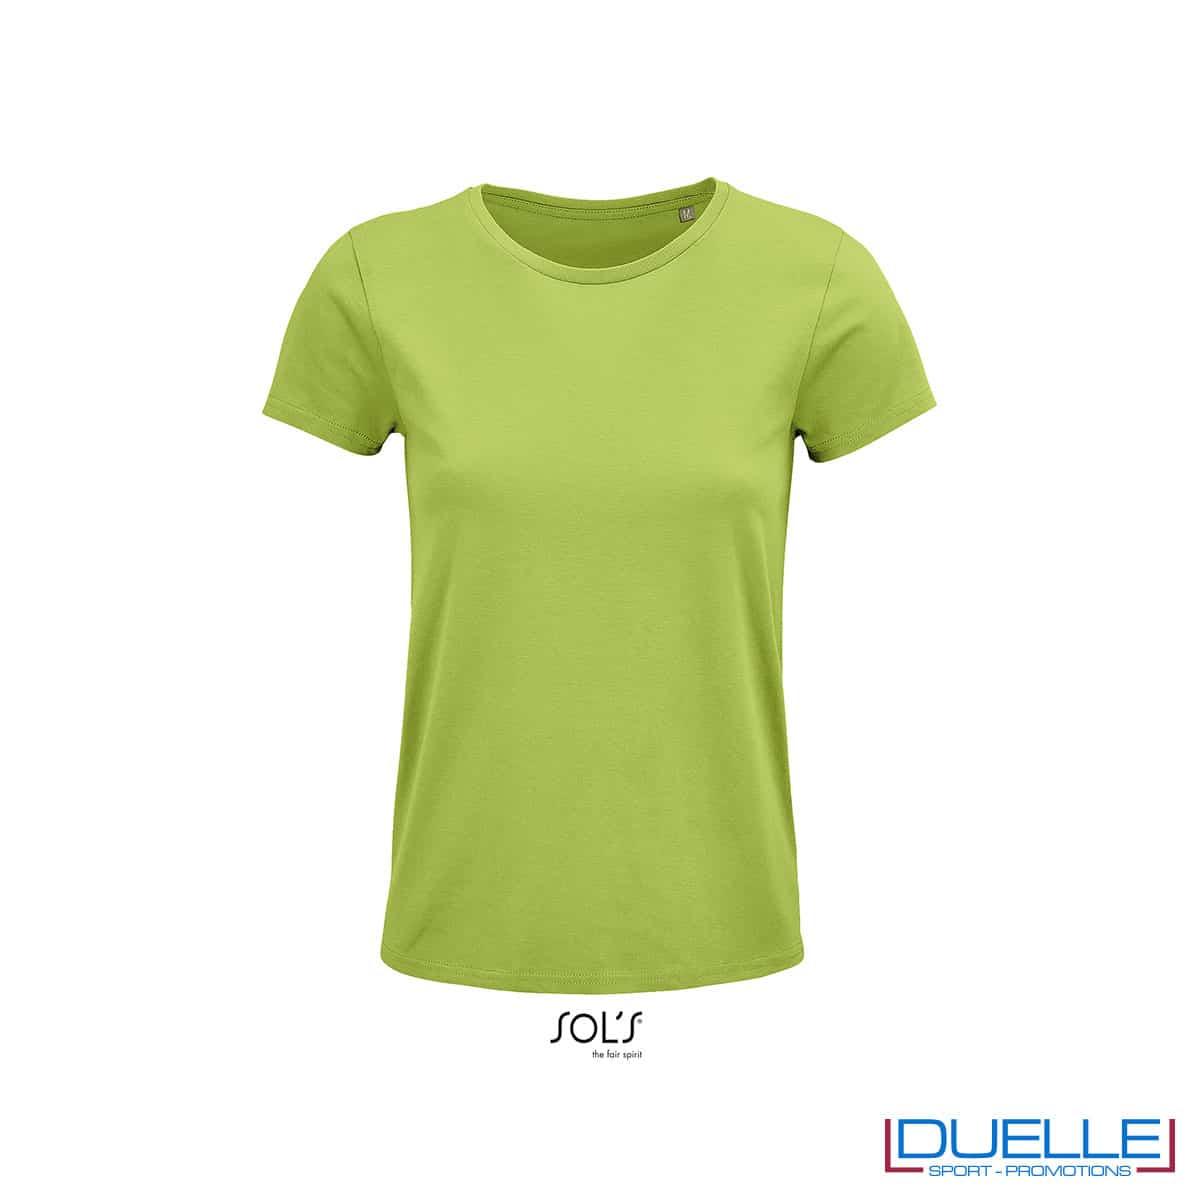 maglia donna verde mela 100% cotone